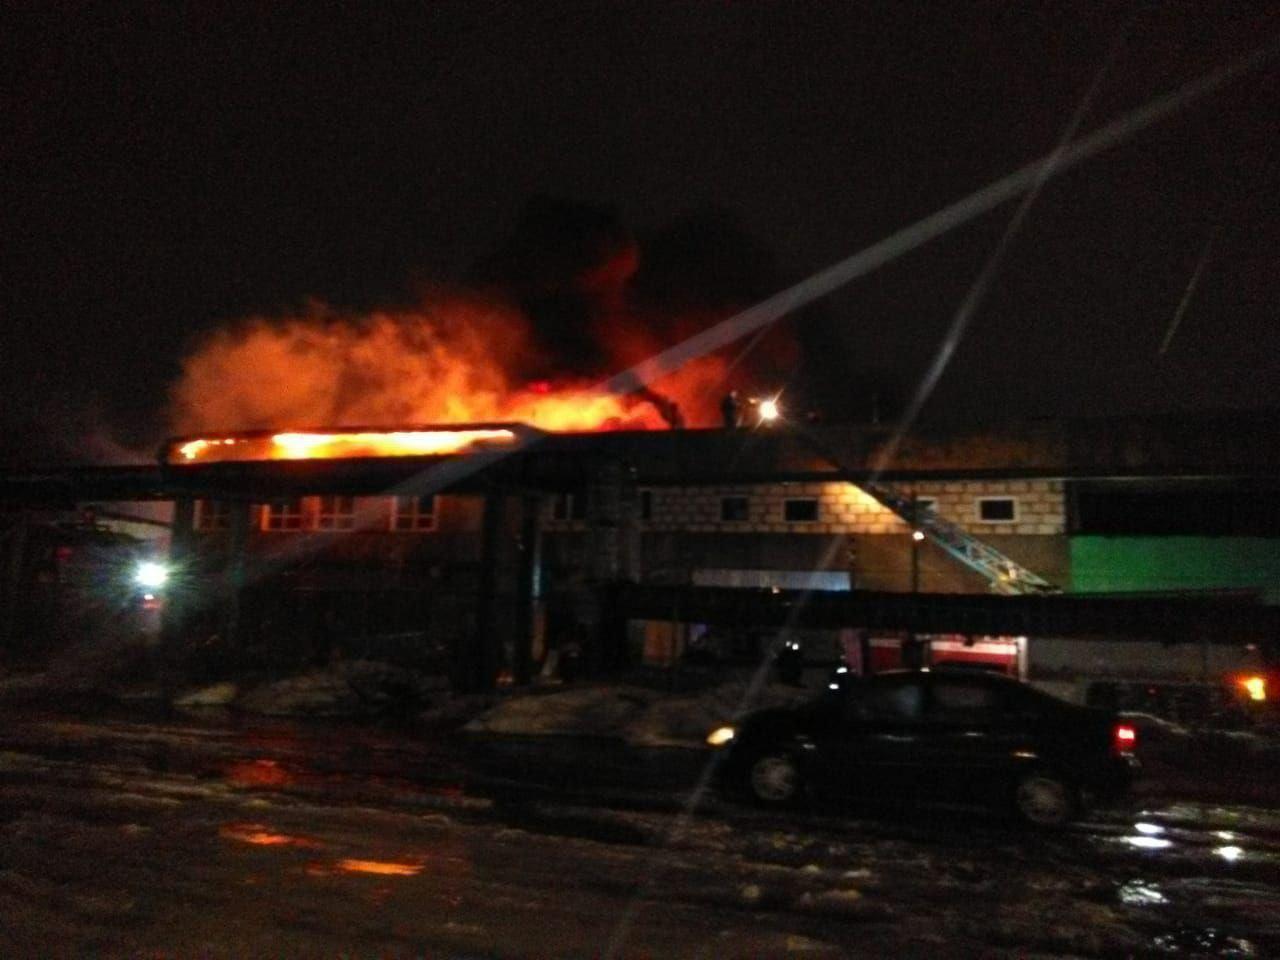 Мобильная лаборатория проверила воздух у сгоревших цехов в Рыбинске